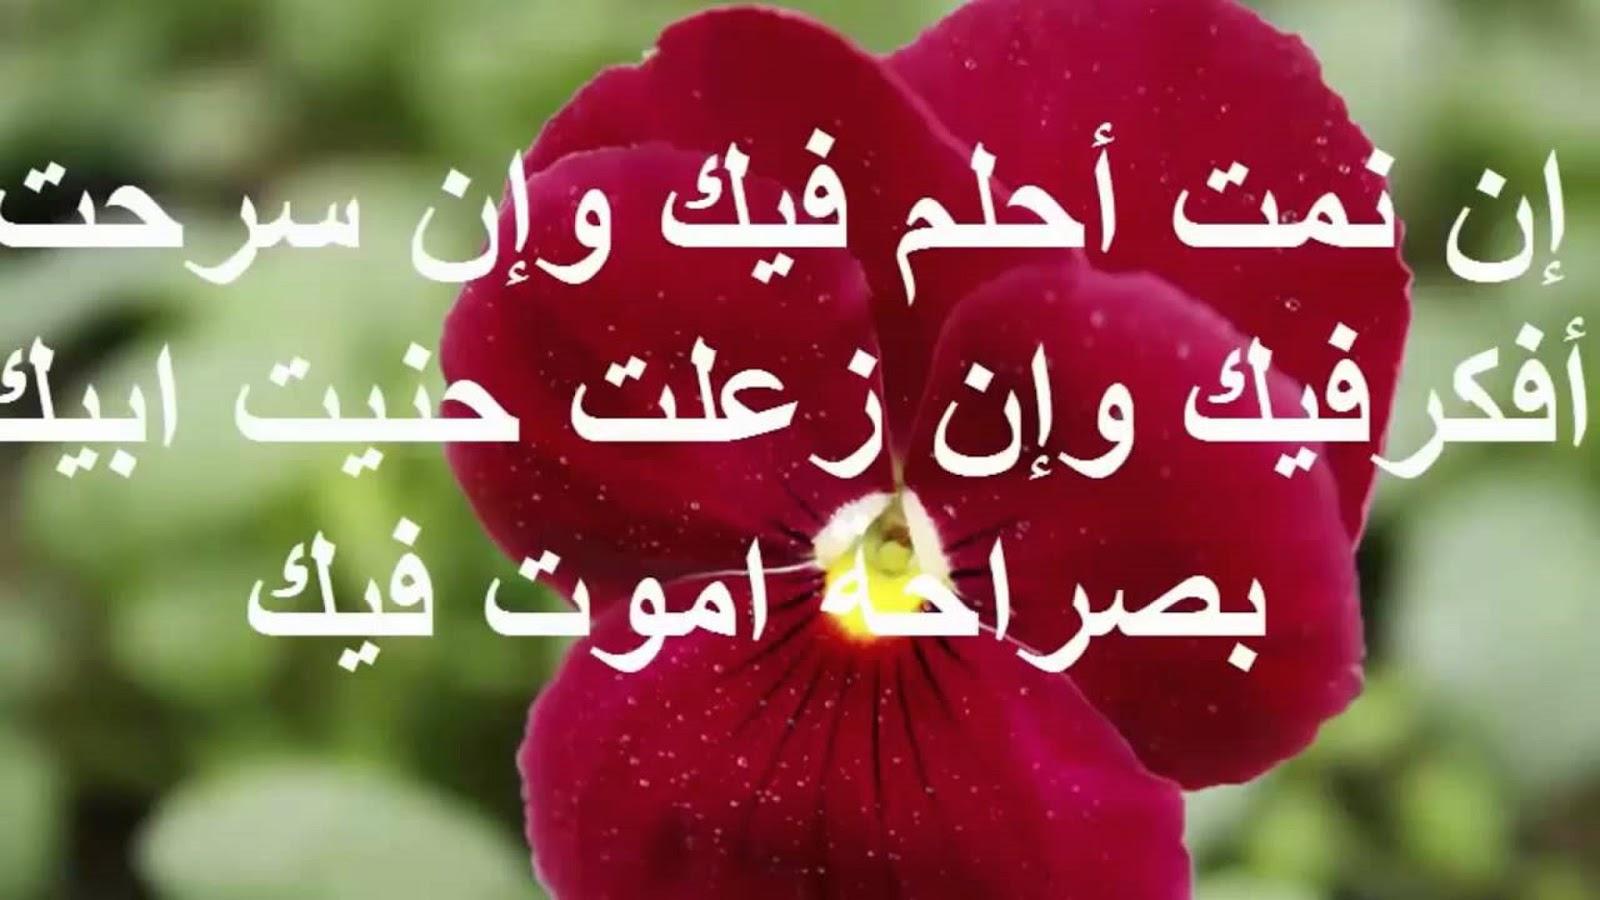 رسائل رومانسية للحبيب والحبيبة , كلام جميل للحبيب ستجعله يذوب حباً